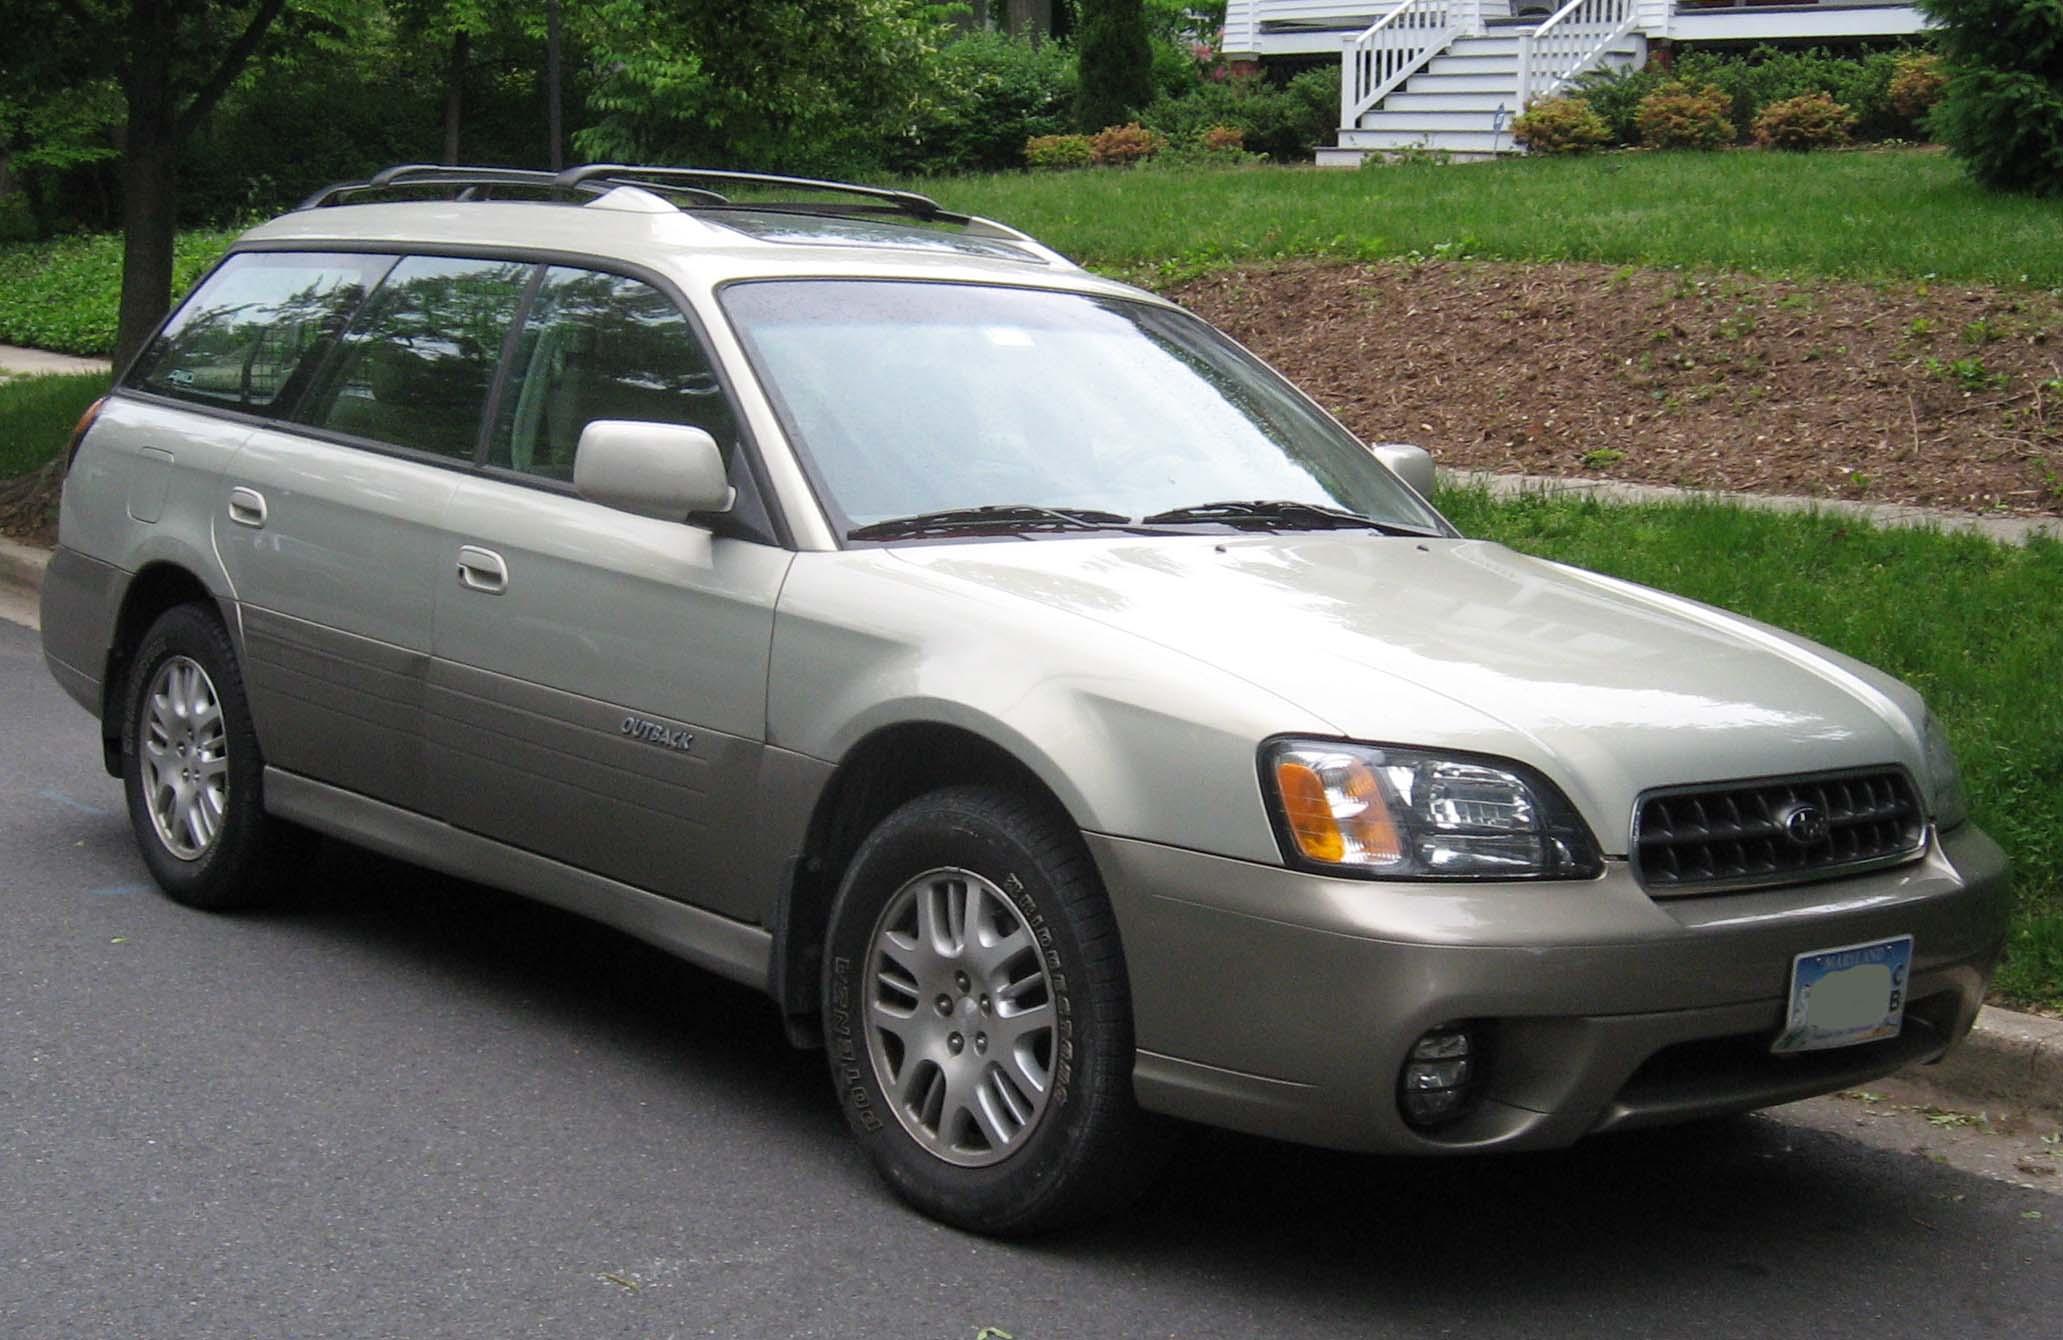 2000 Subaru Outback Image 6